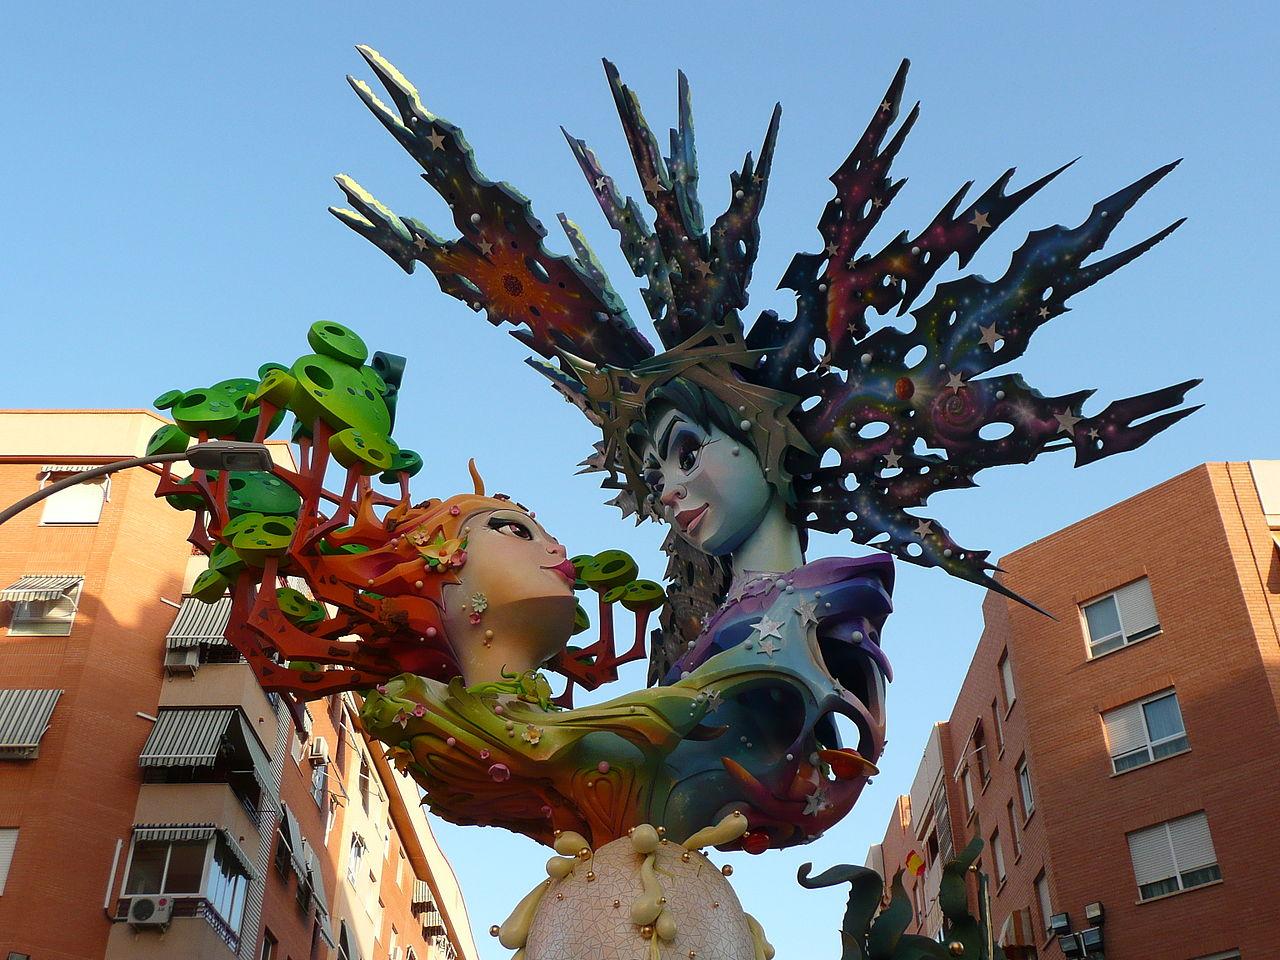 Hogueras Pappmache Statue in Alicante